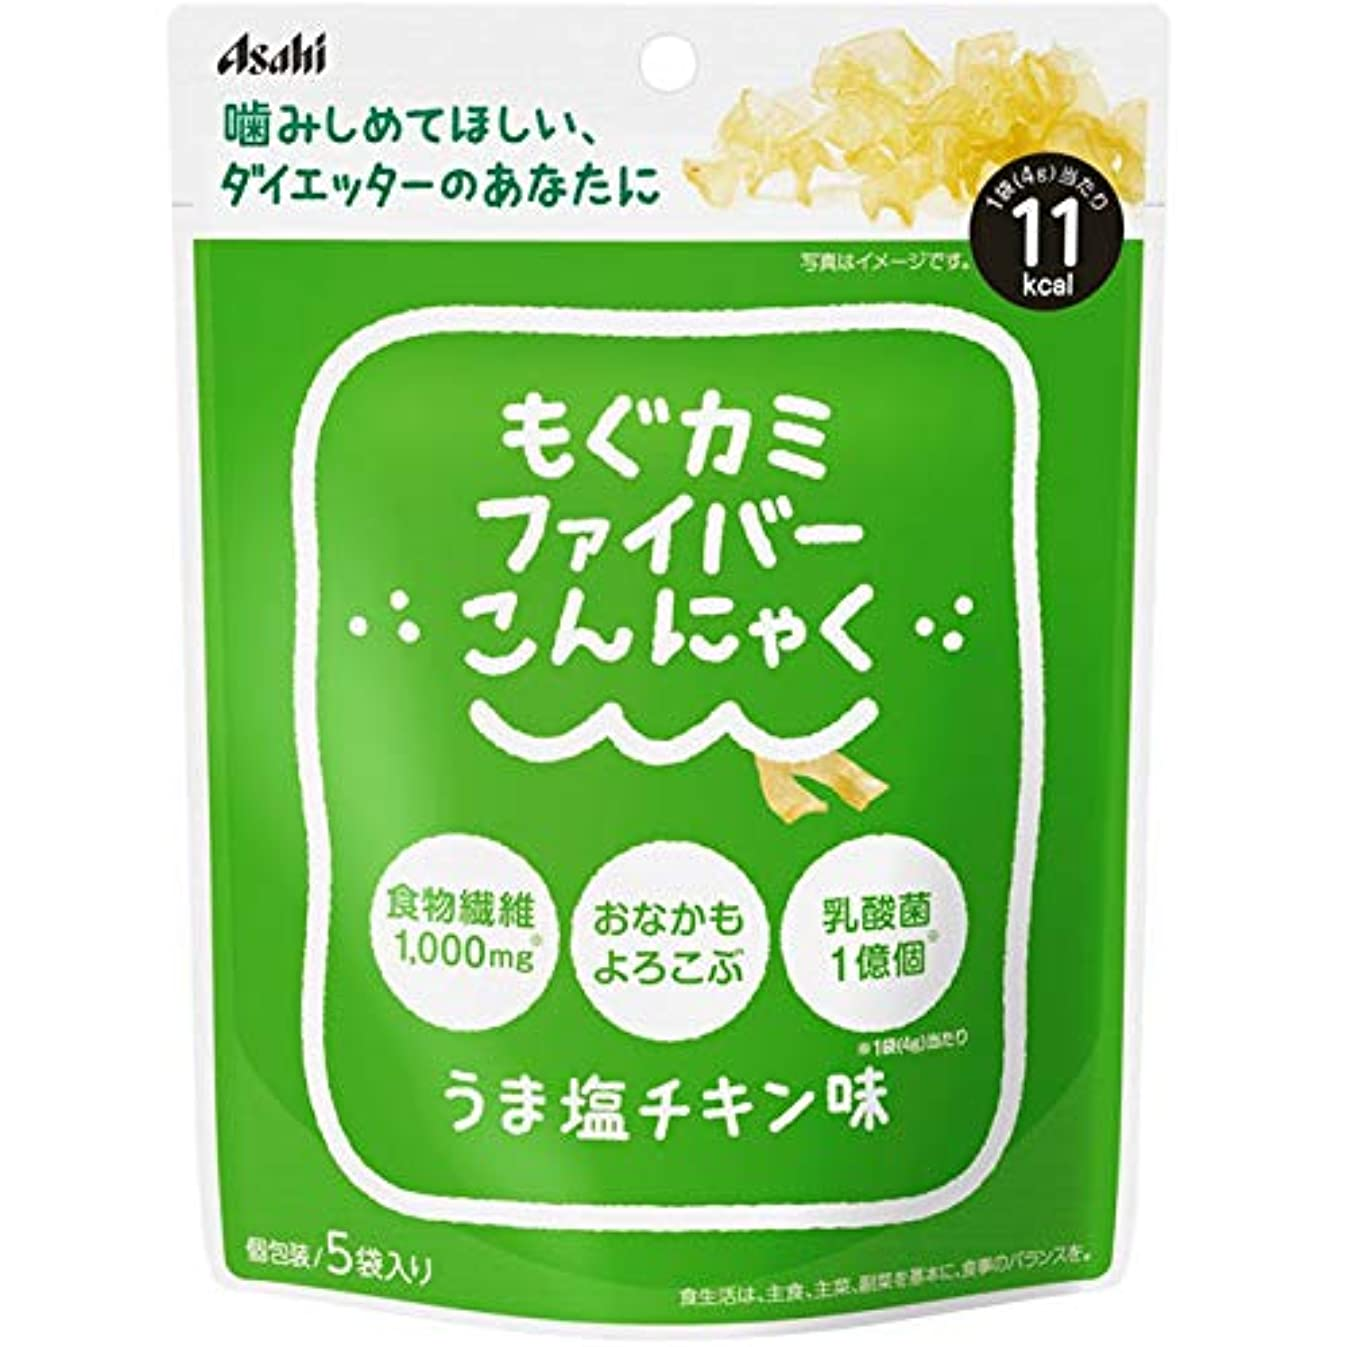 リセットボディ もぐカミファイバーこんにゃく うま塩チキン味 4g×5袋